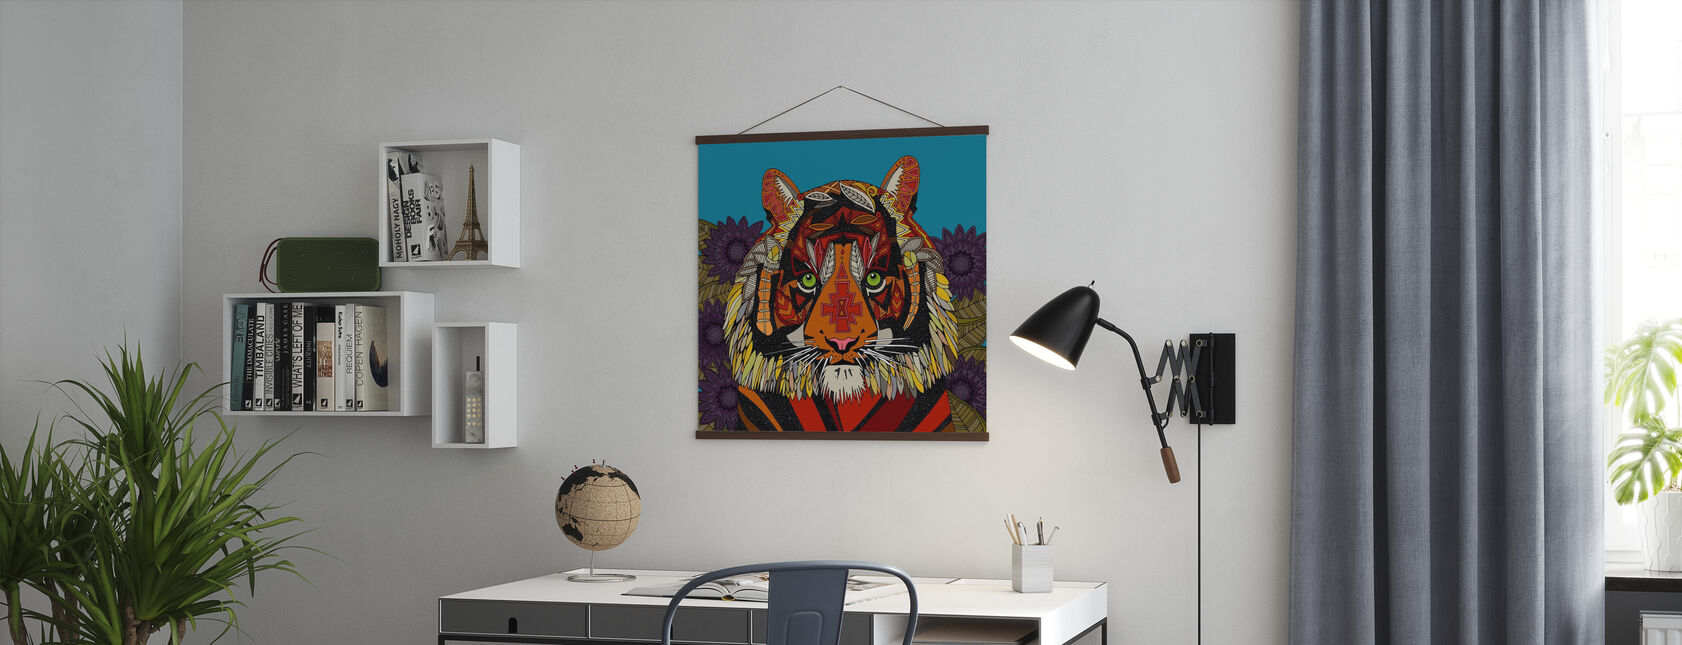 Szef tygrysa - Plakat - Biuro